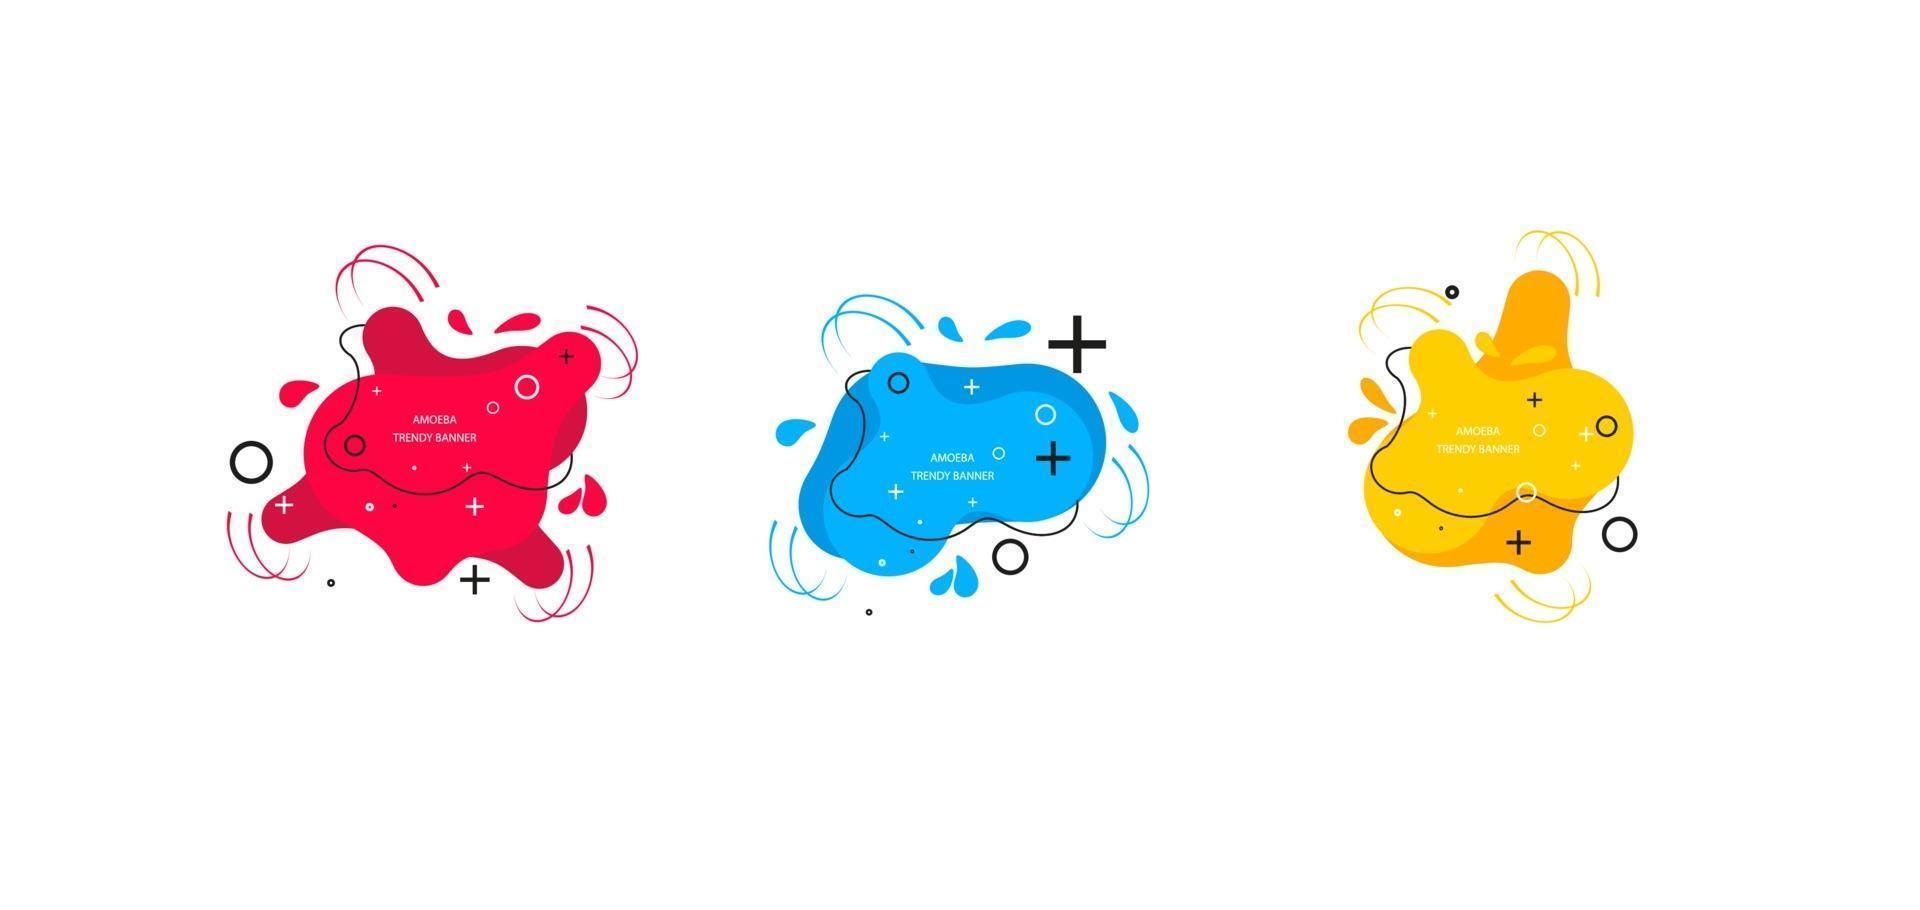 modern uppsättning abstrakta banners. mall redo för användning i webb- eller utskriftsdesign. vektor ljusa mall banners.